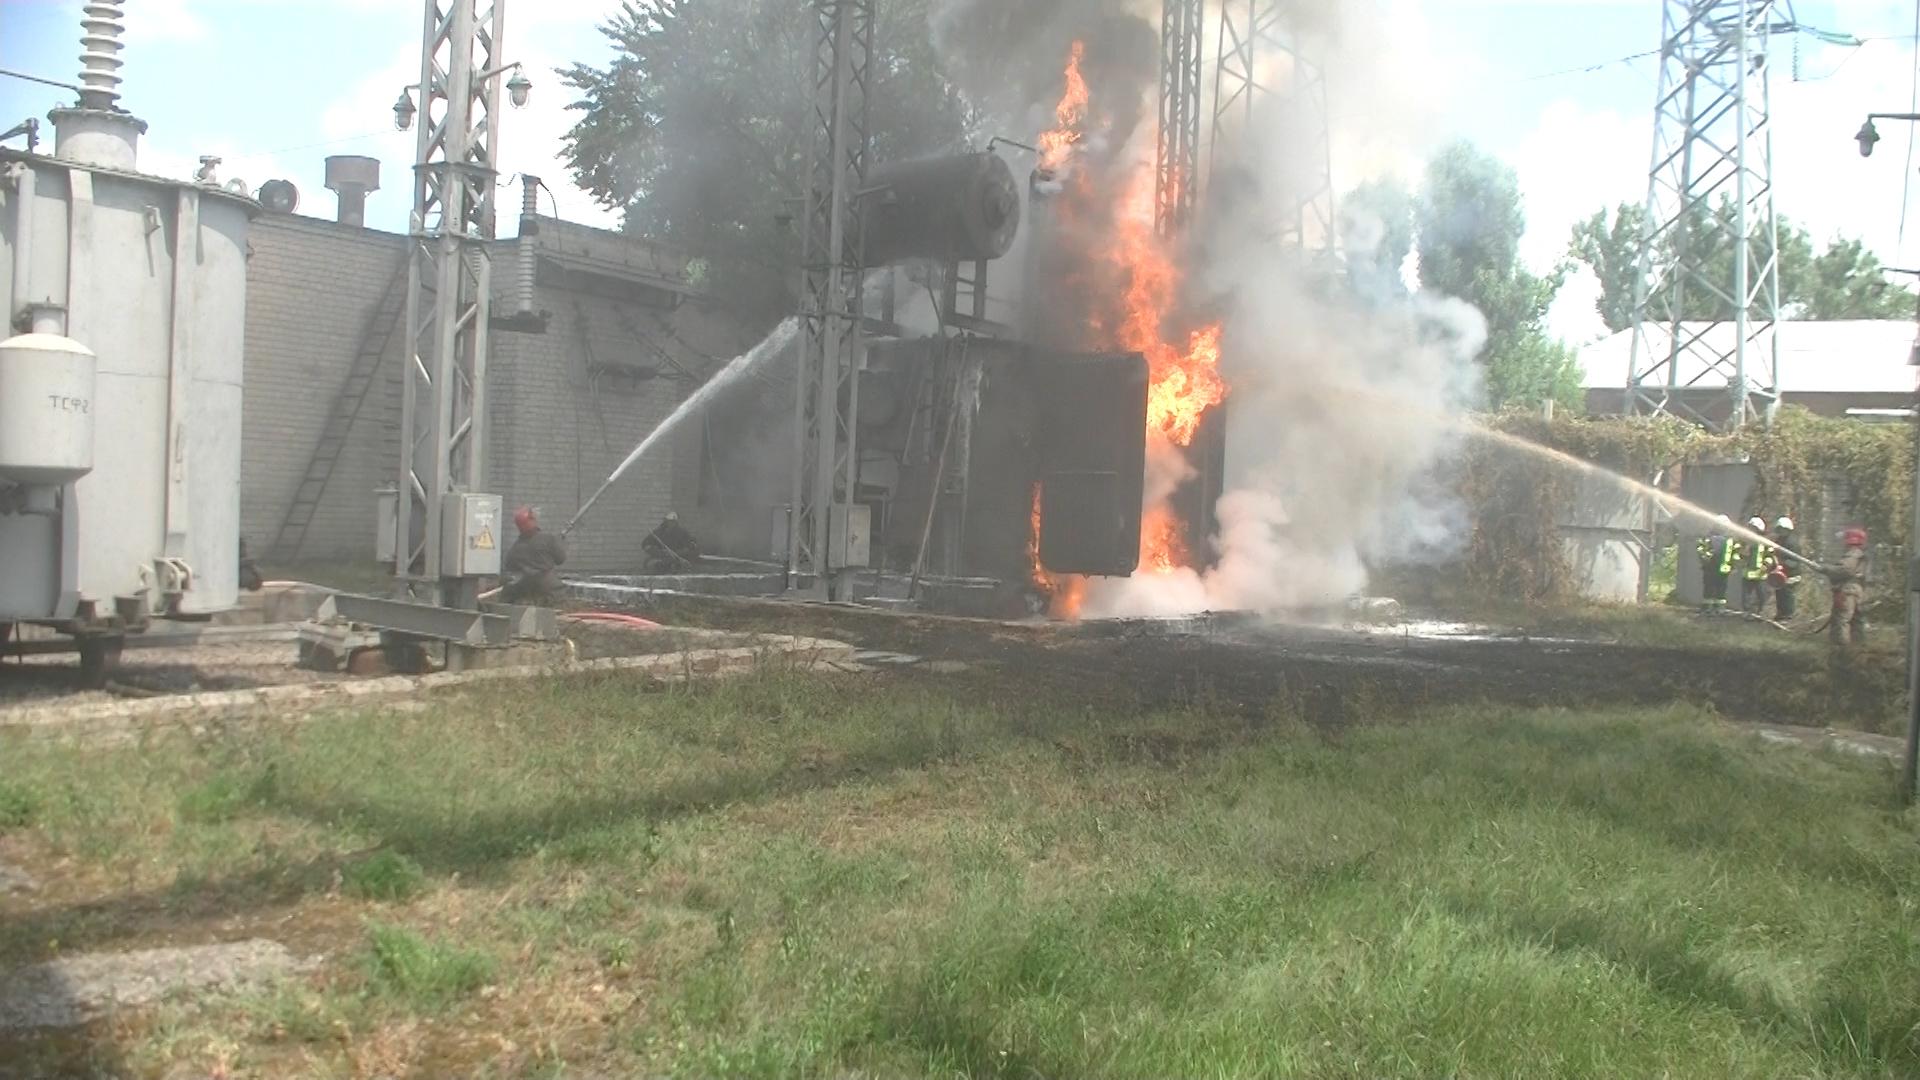 Рятувальники прокоментували пожежу на підстанції в Харкові (ВІДЕО, ФОТО)  - фото 2